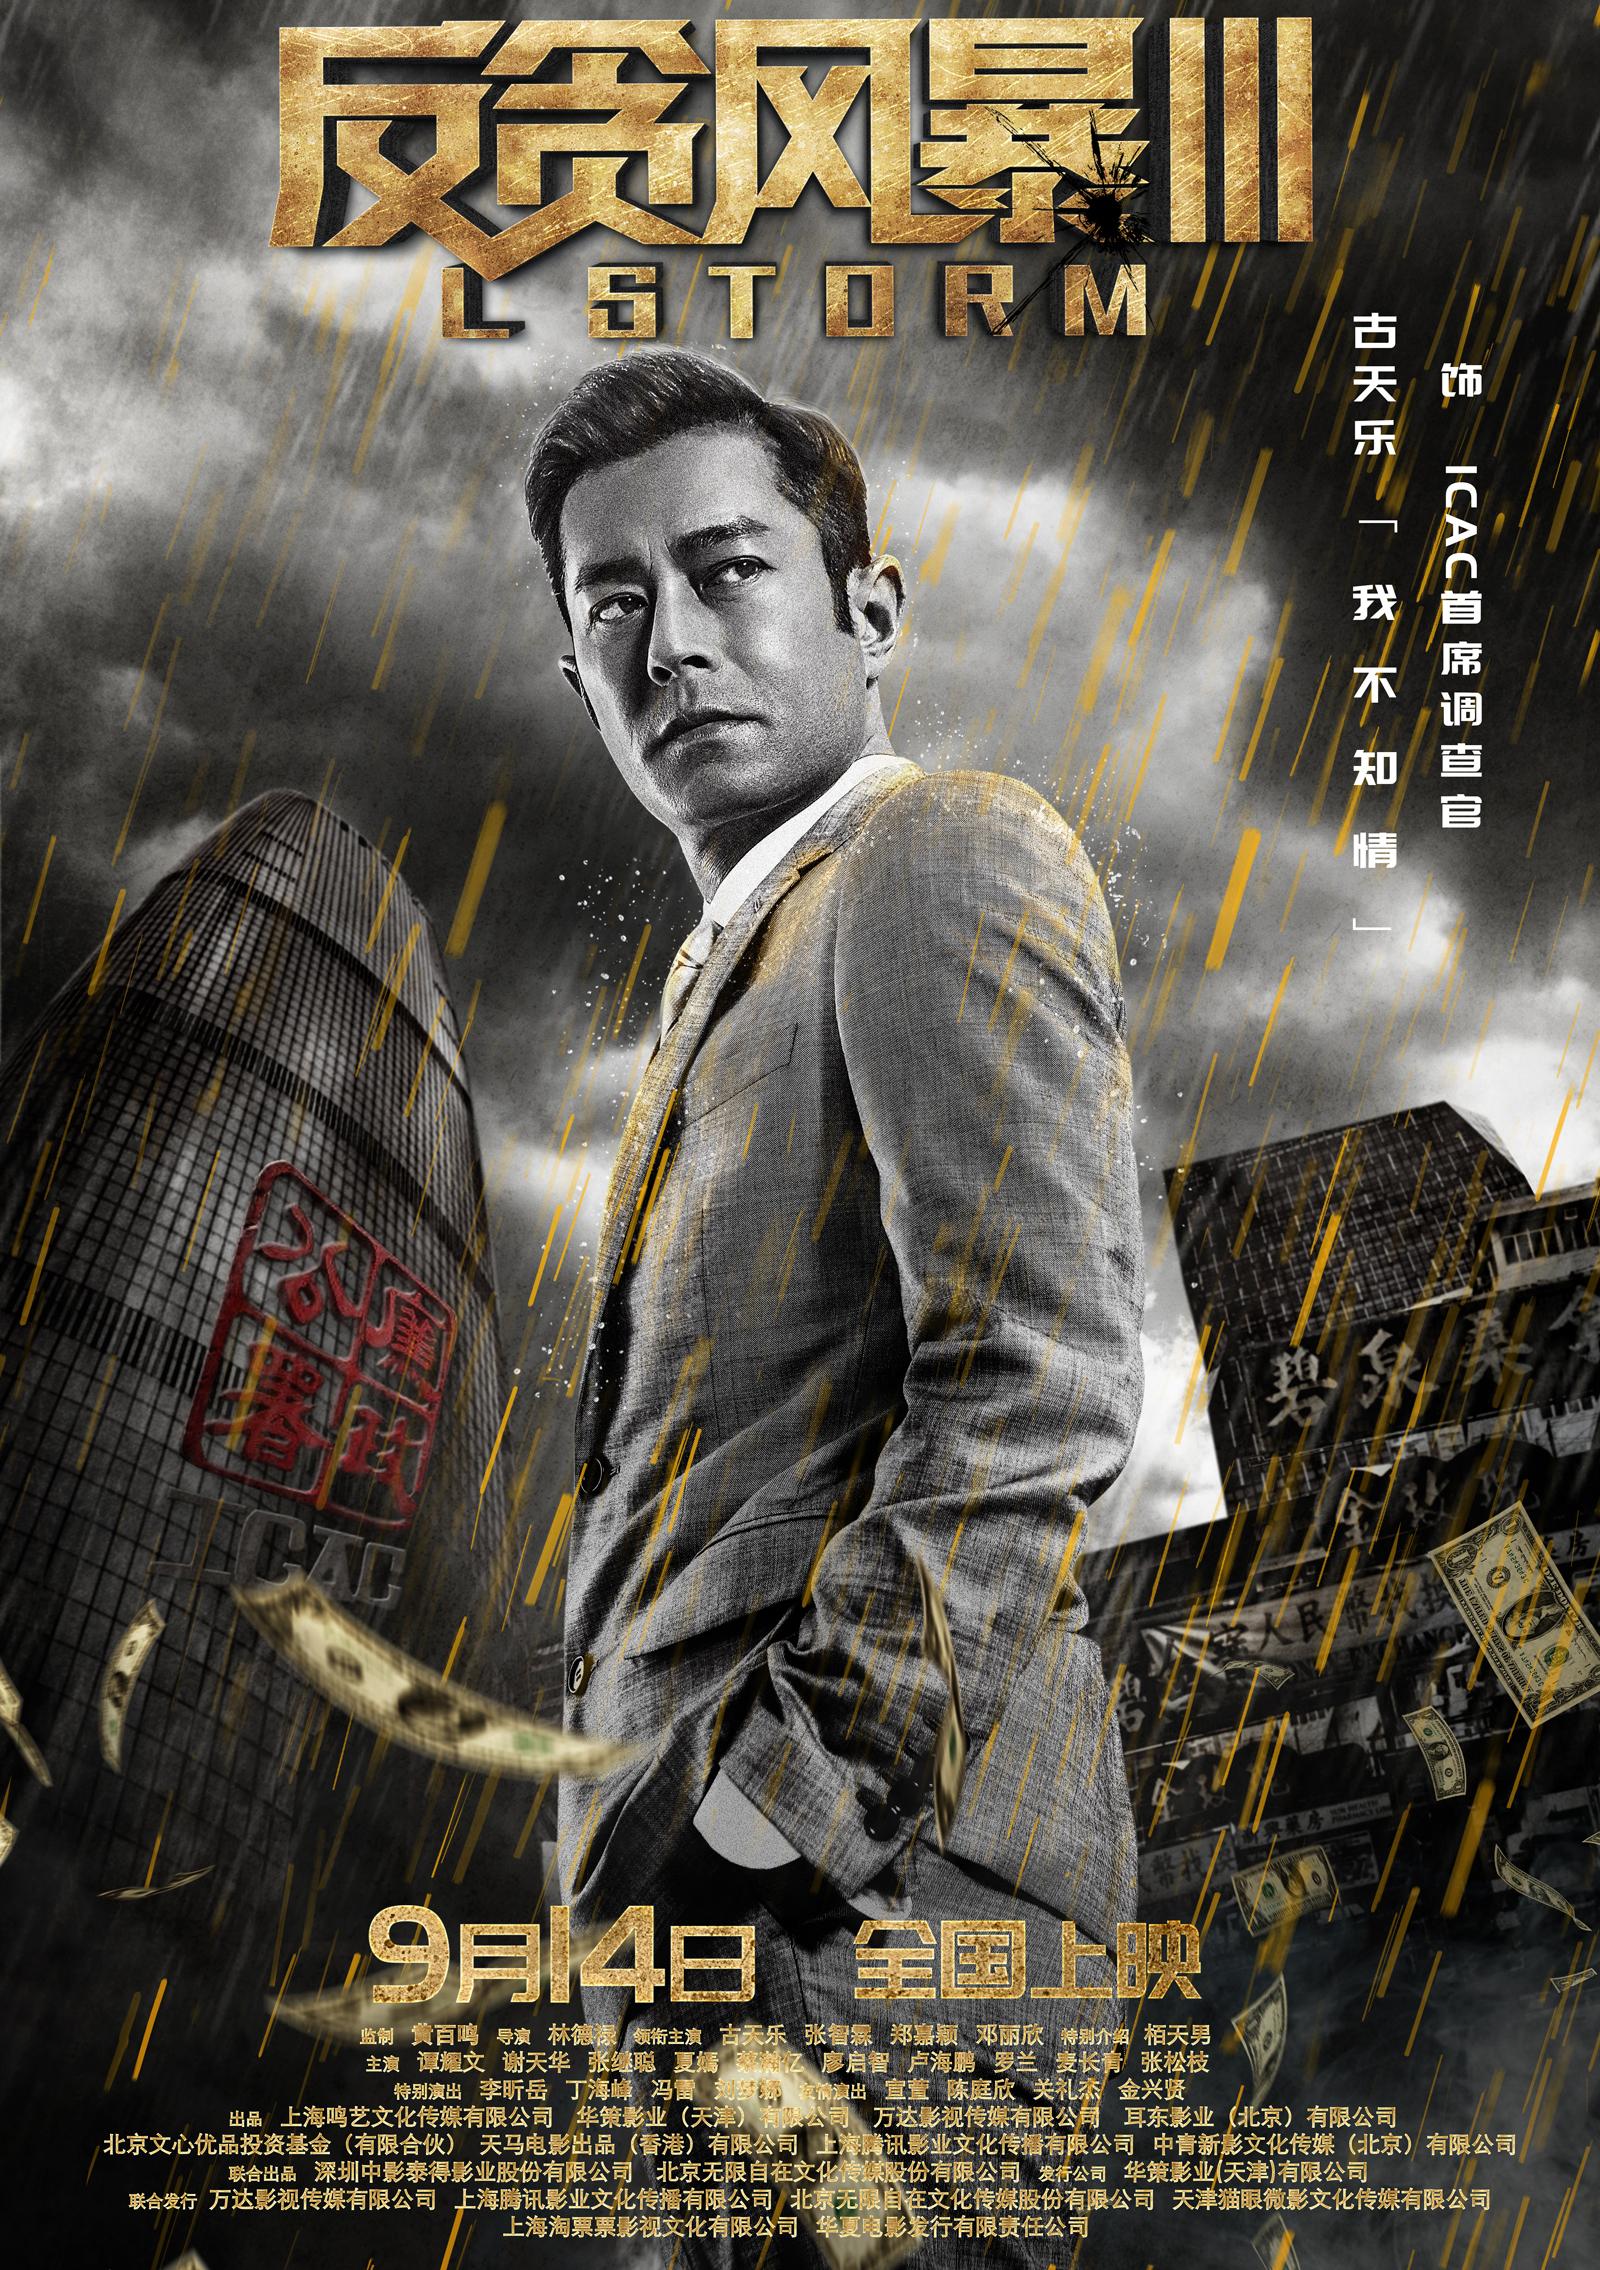 《反贪风暴3》新角色海报 黑金迷城遭黄金雨攻陷